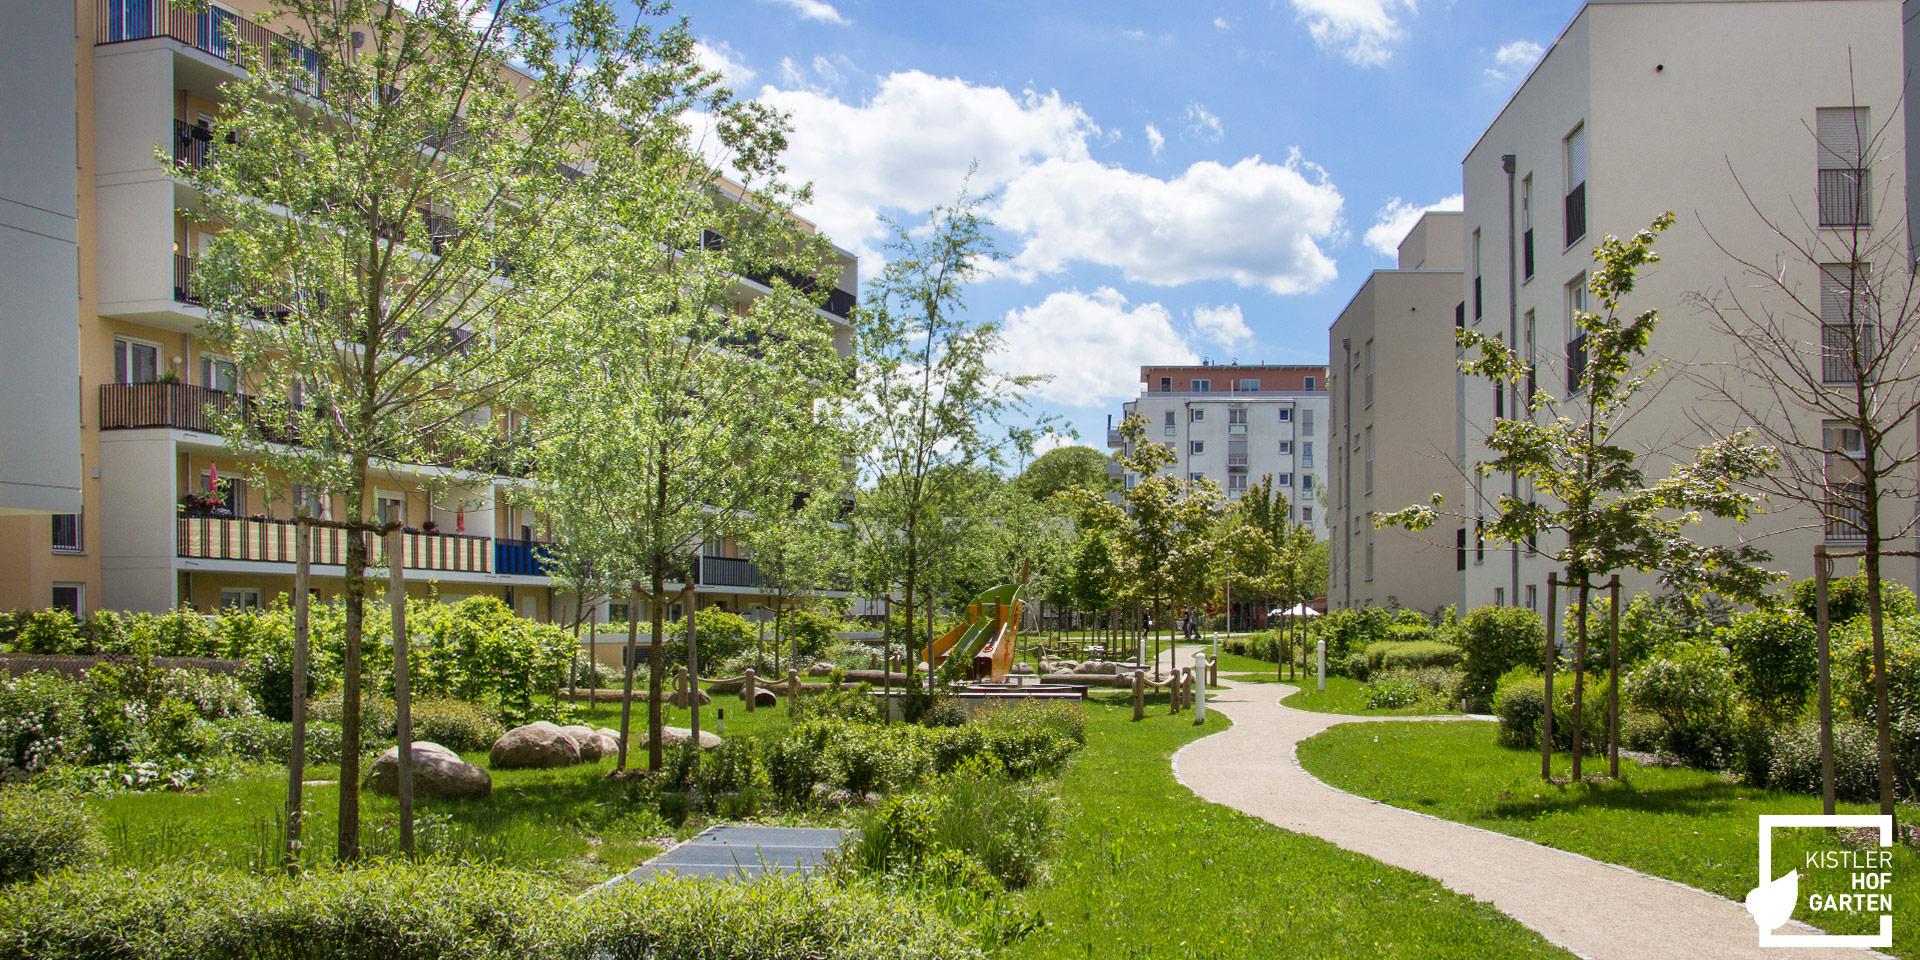 Eigentumswohnungen München: Kistlerhofgarten